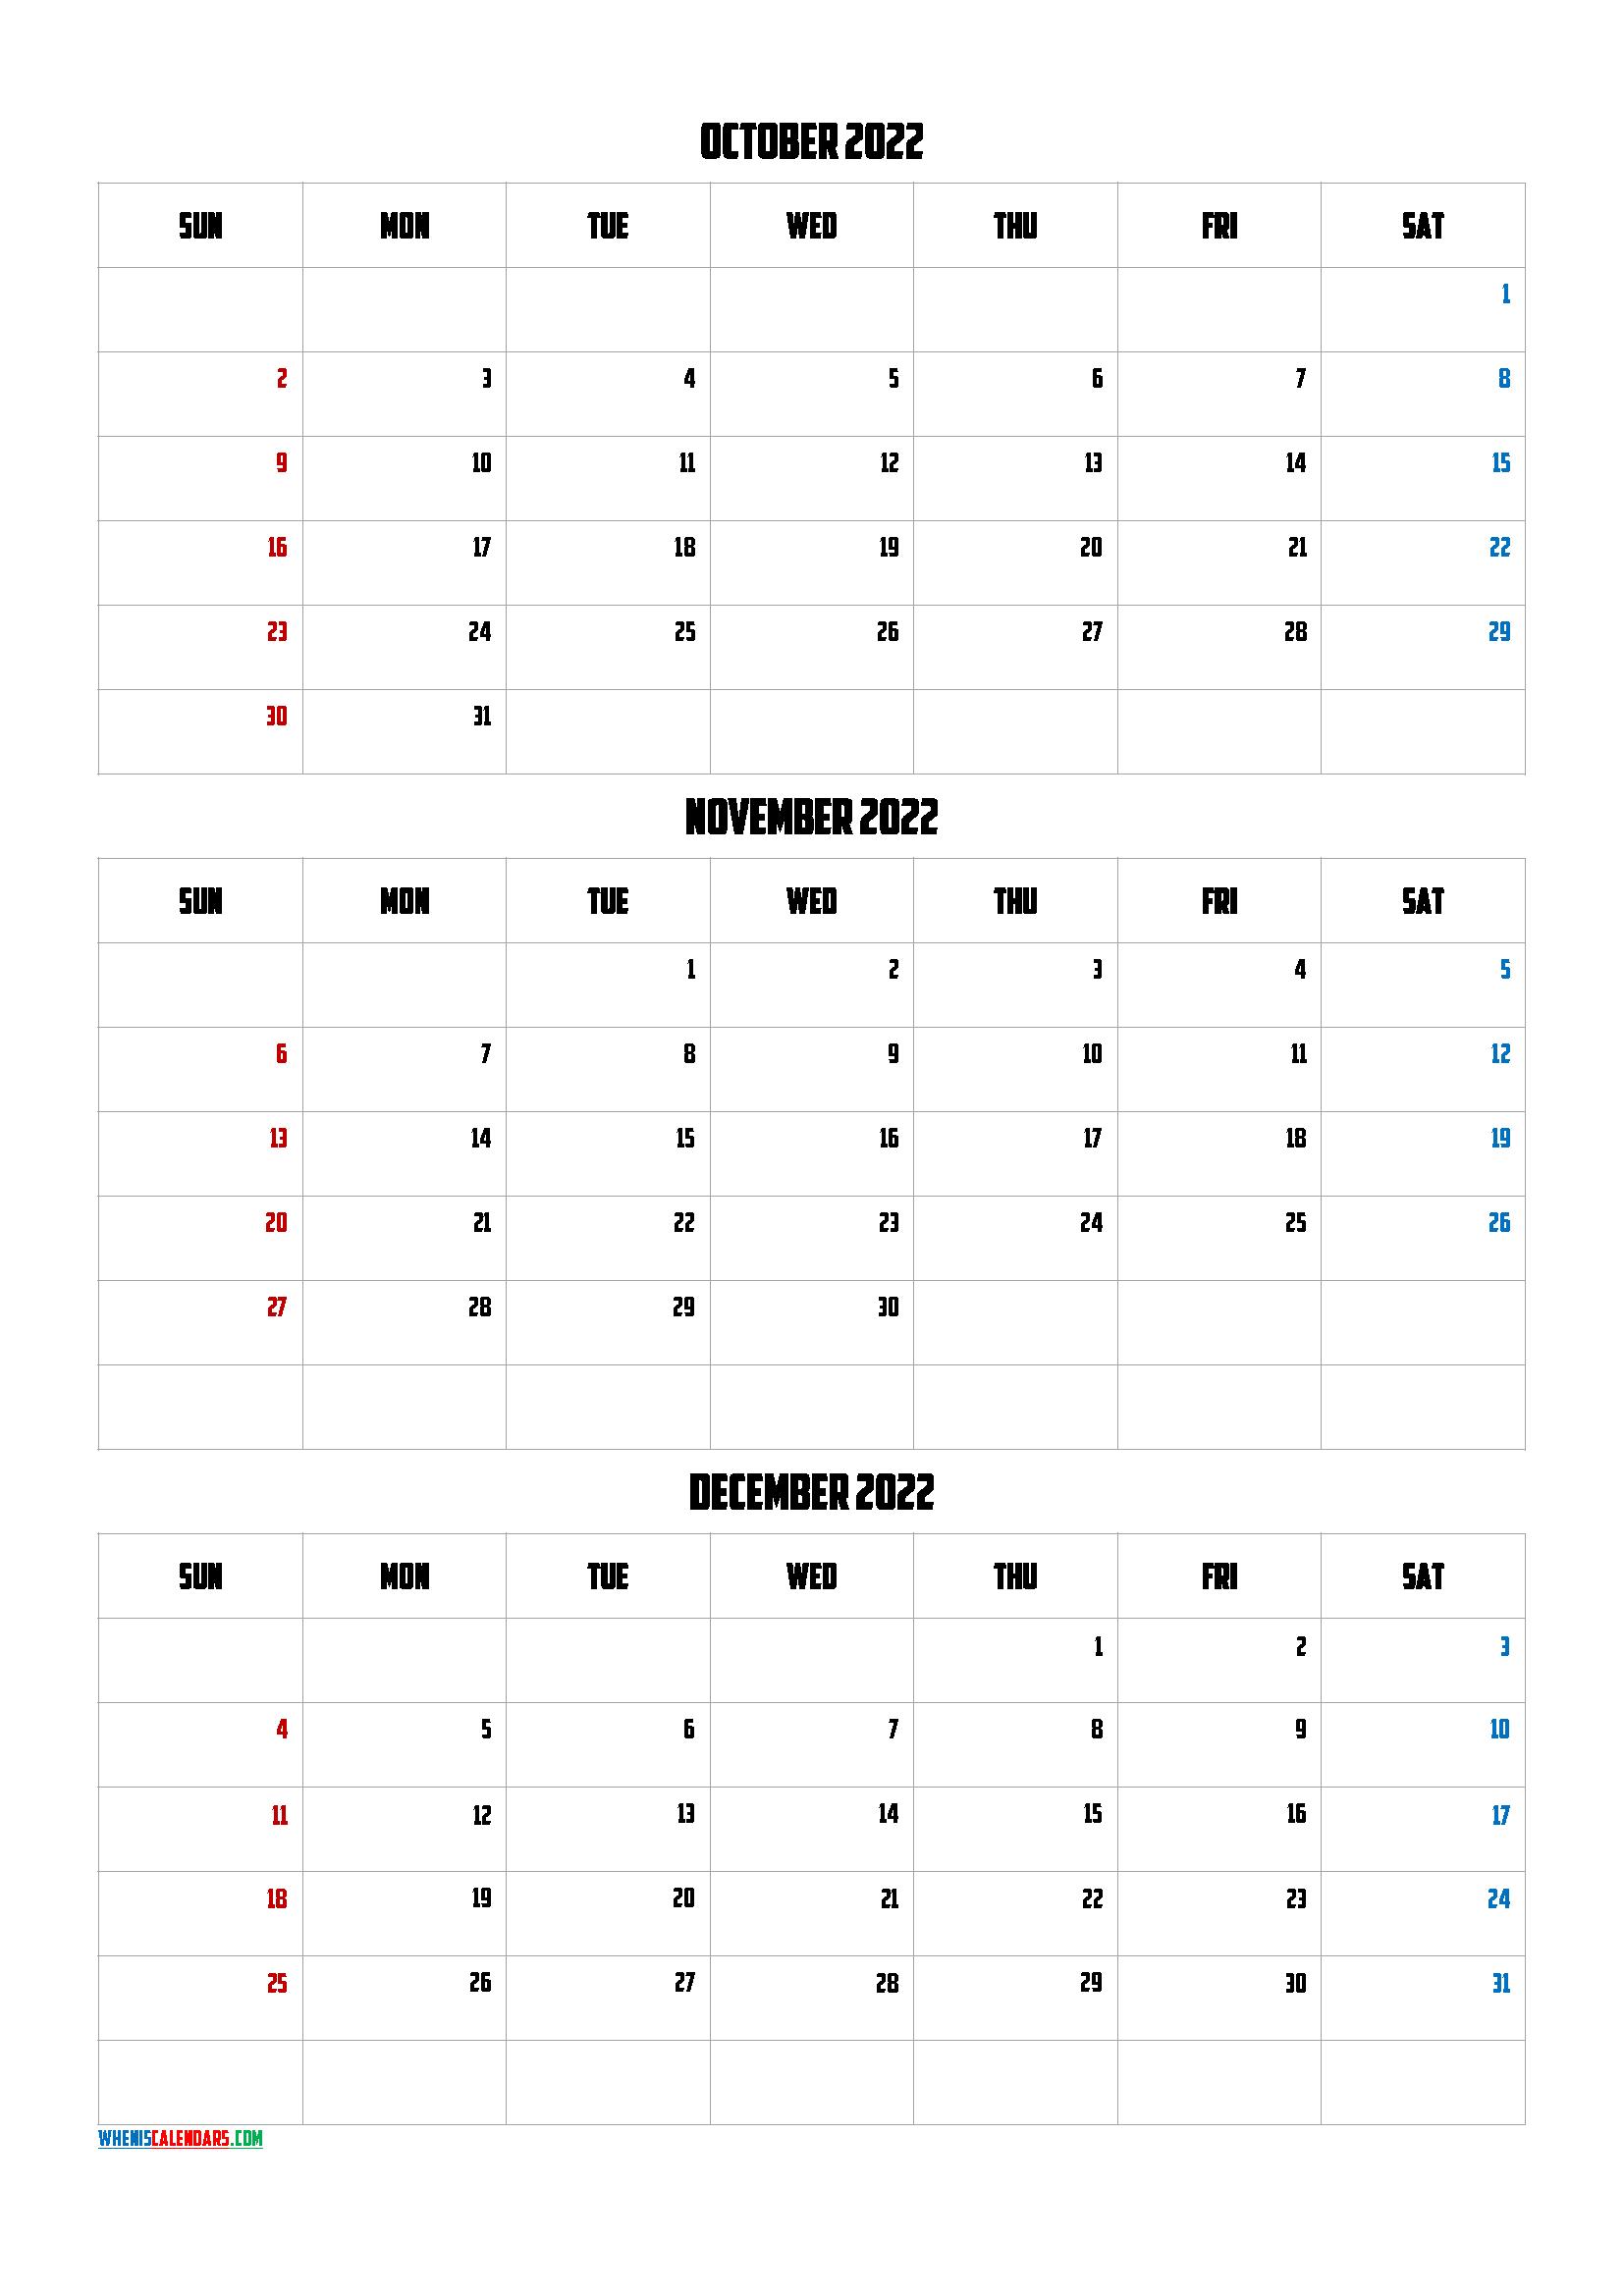 Q3 2021 Calendar Free October November December 2022 Calendar [Q1 Q2 Q3 Q4] in 2020